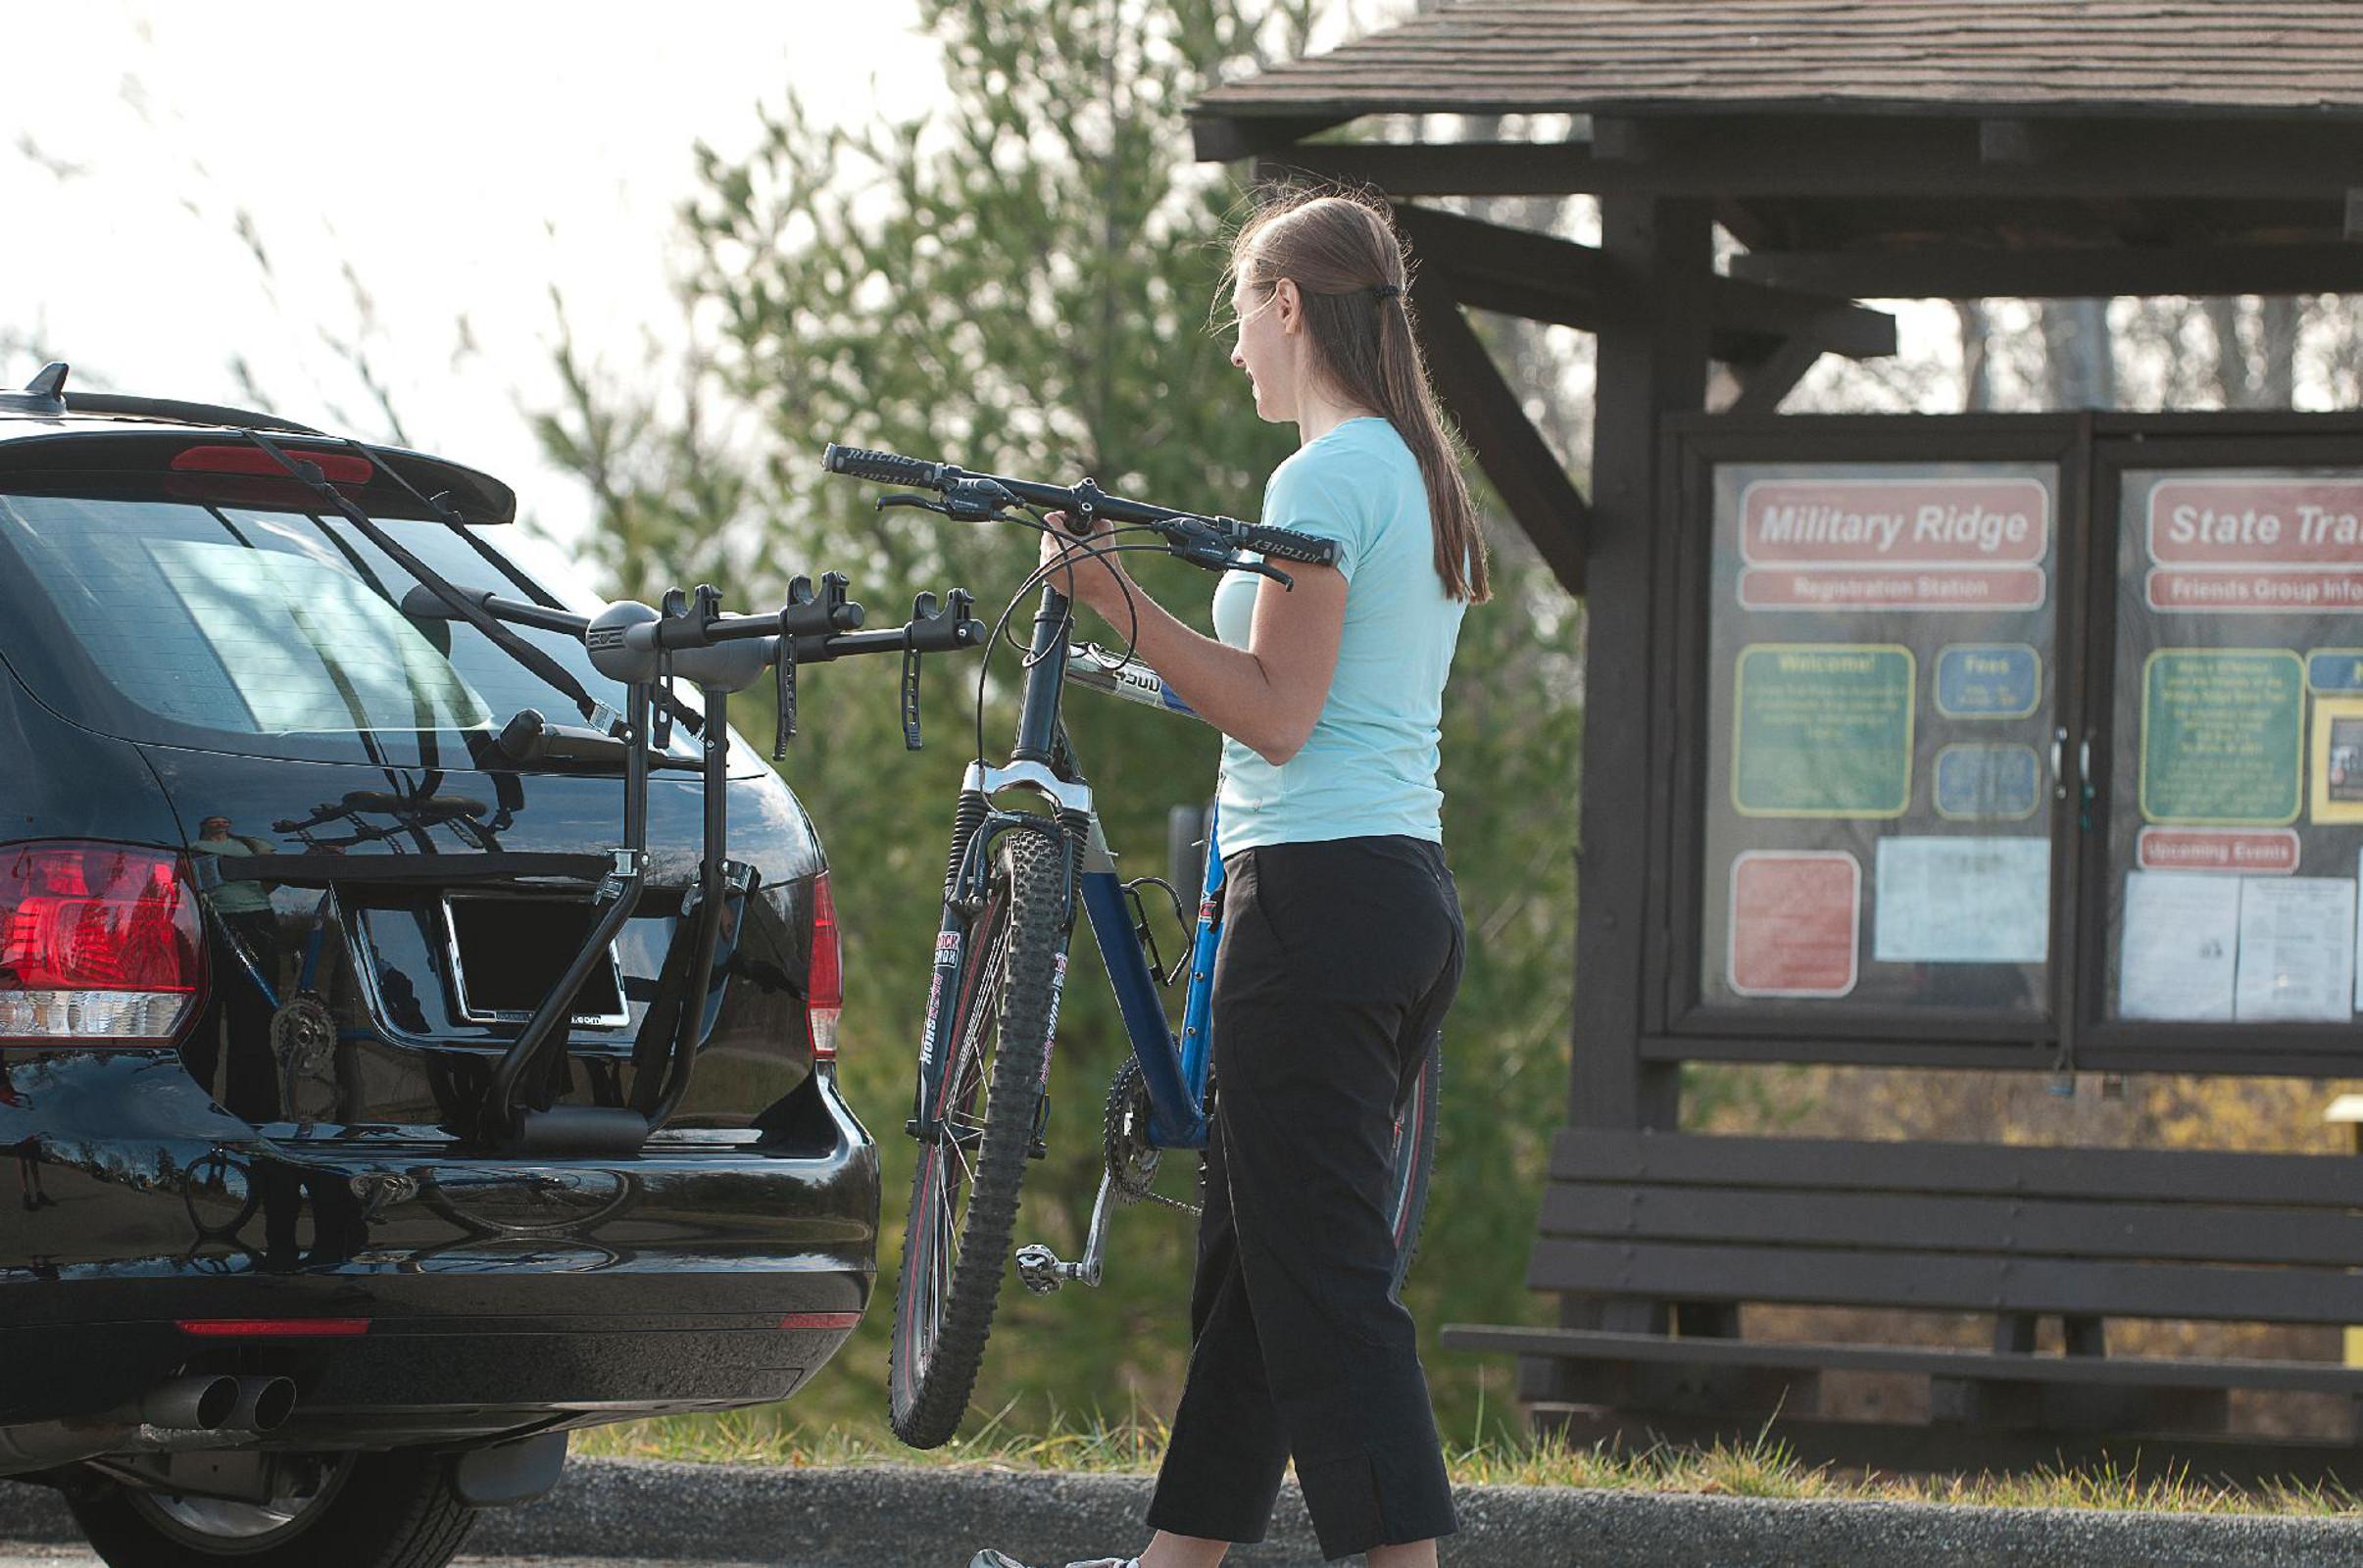 GRABER Car Trunk Rack for 2 Bikes